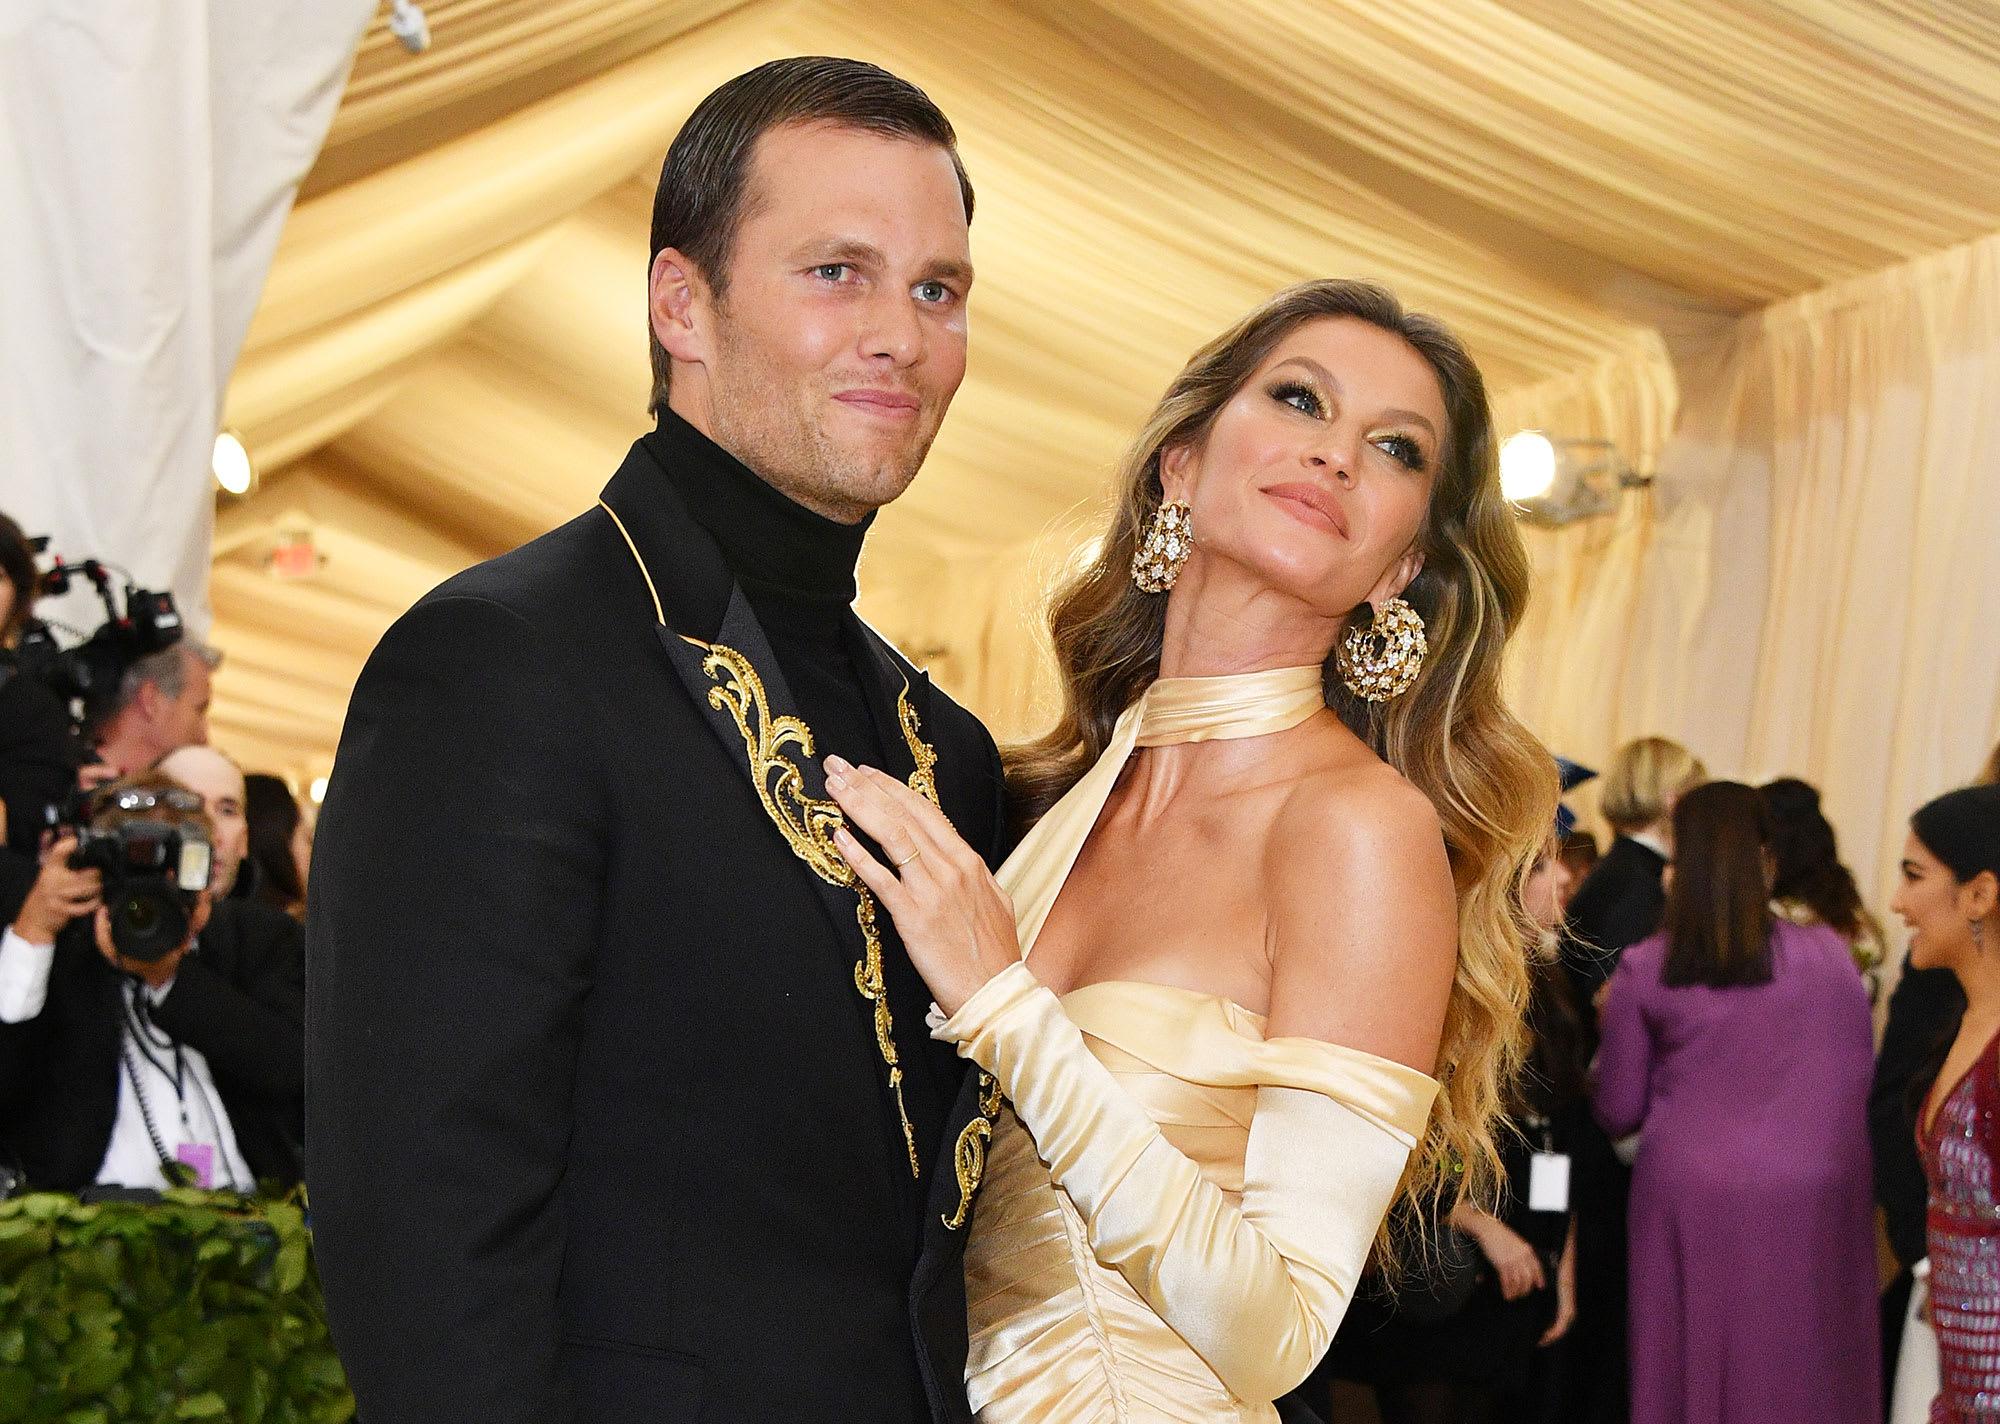 Tom Brady with his wife